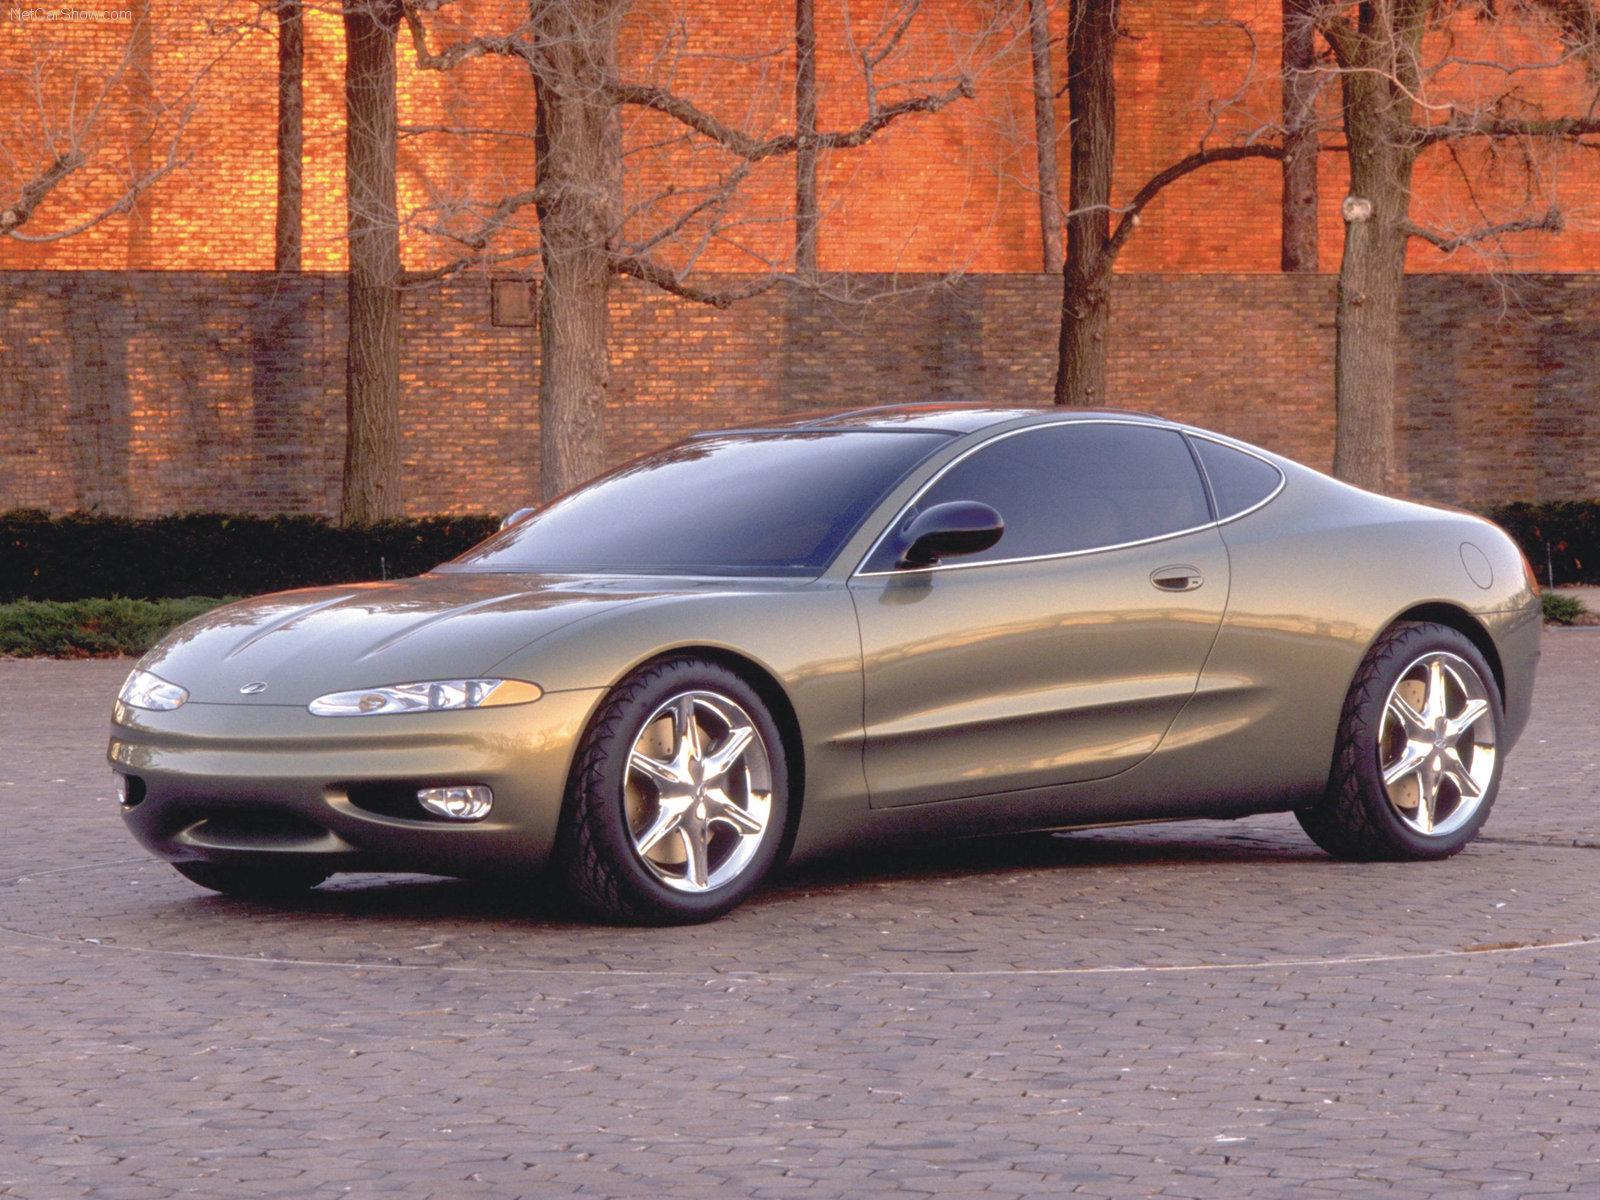 Hình ảnh xe ô tô Oldsmobile Alero Concept 1997 & nội ngoại thất